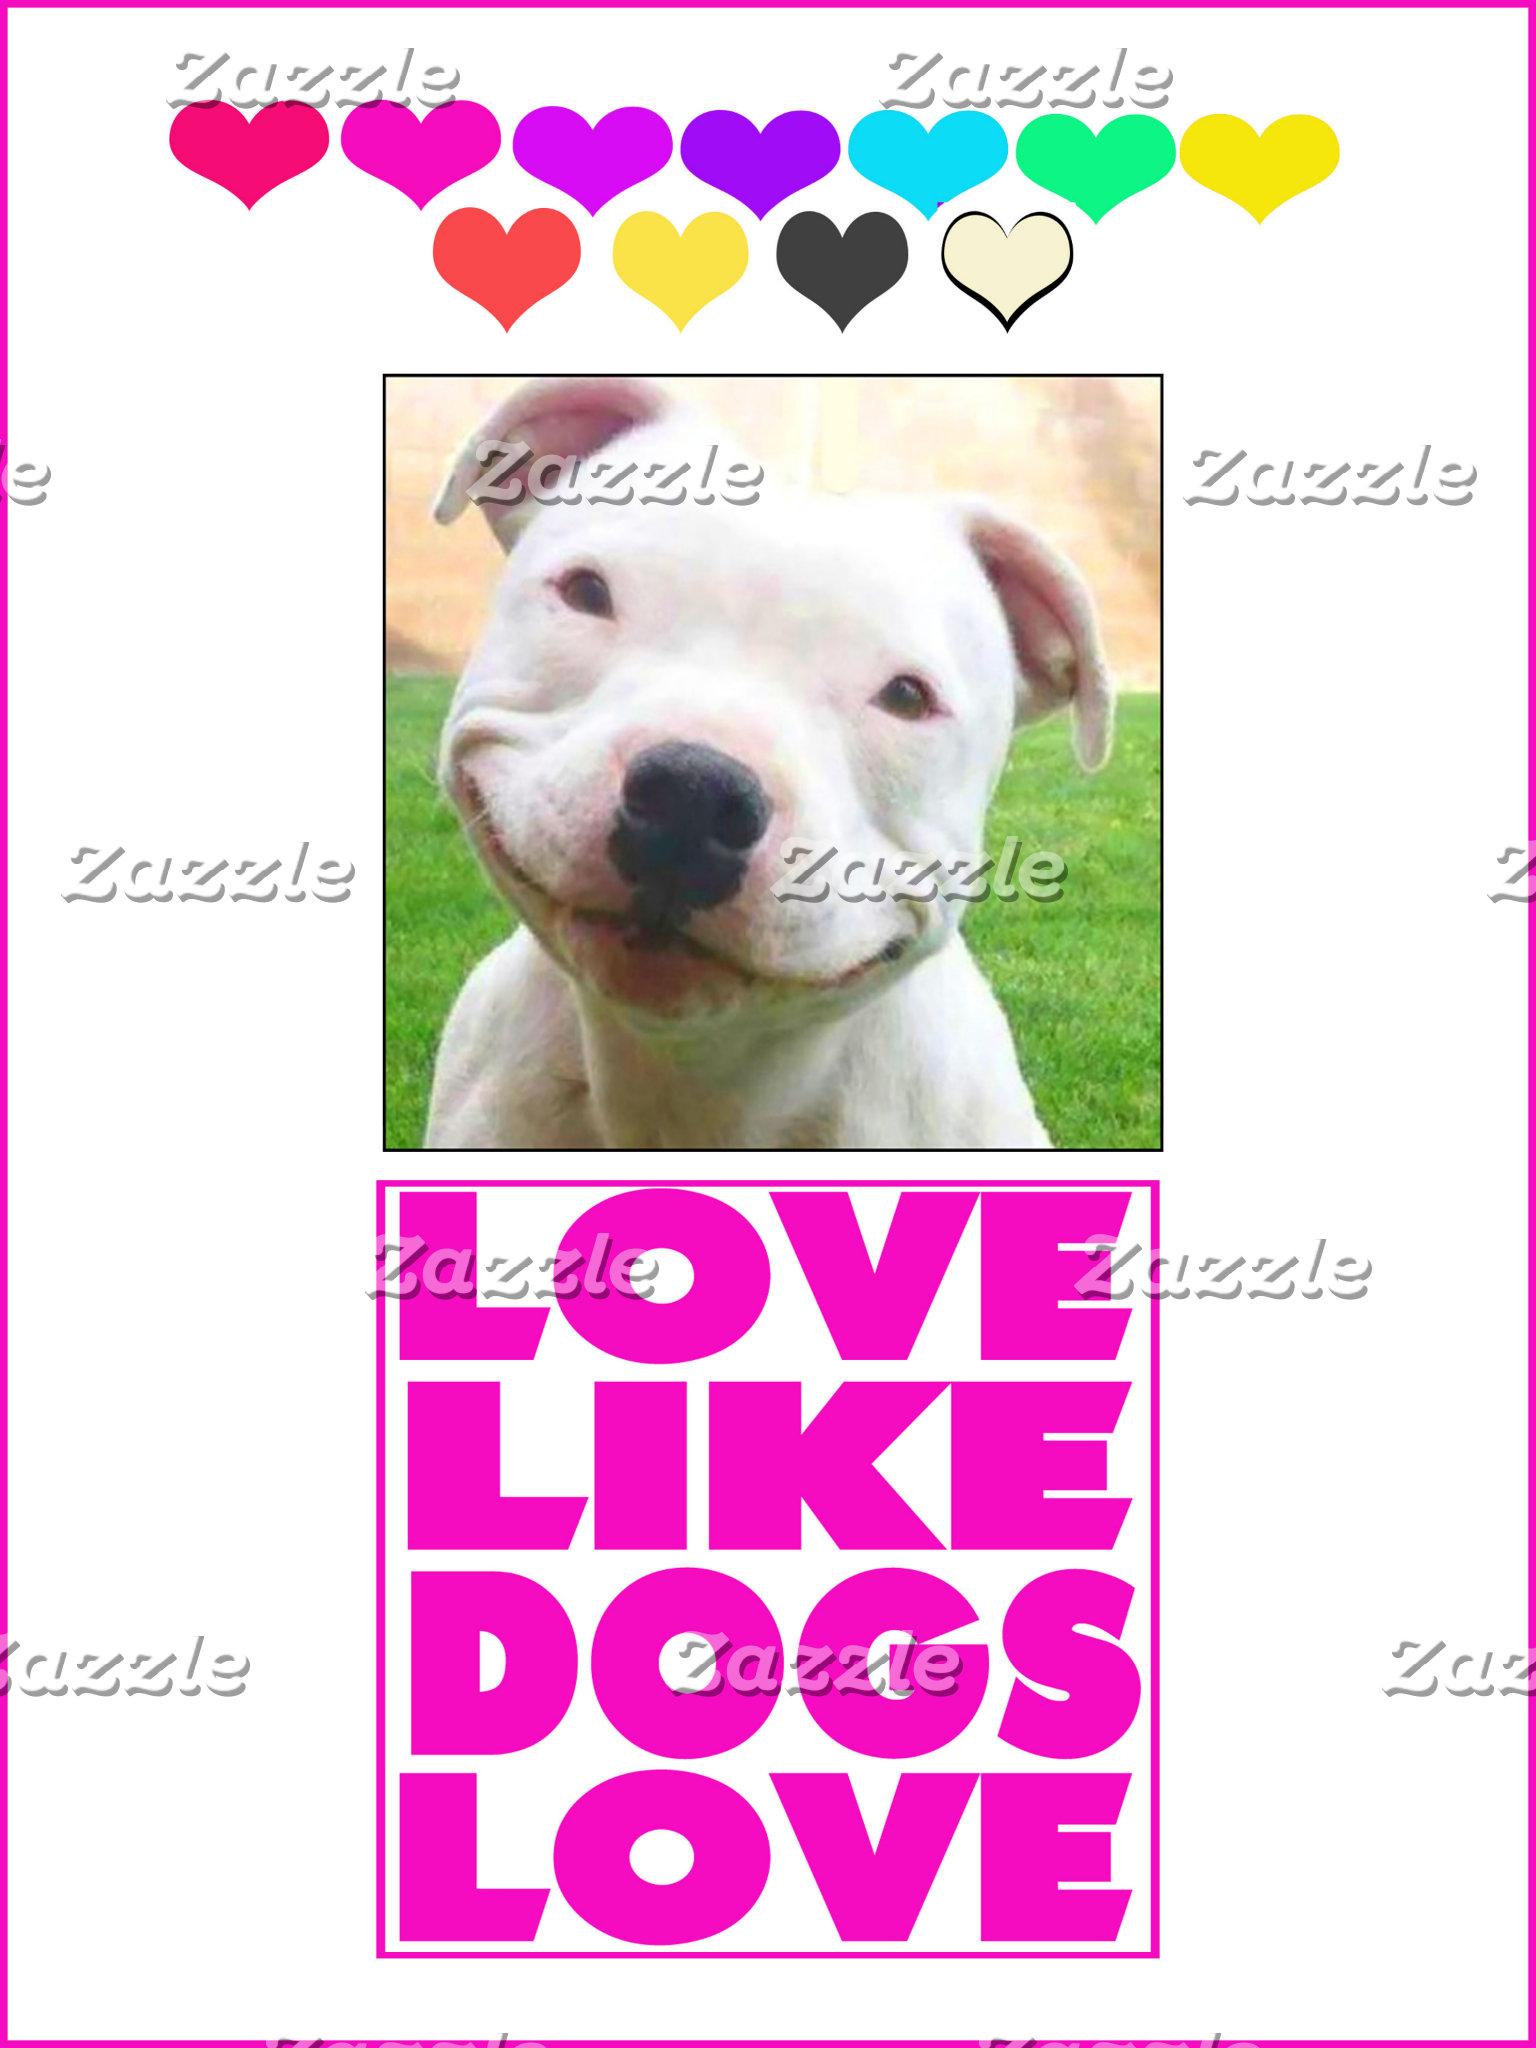 Love like Dogs Love